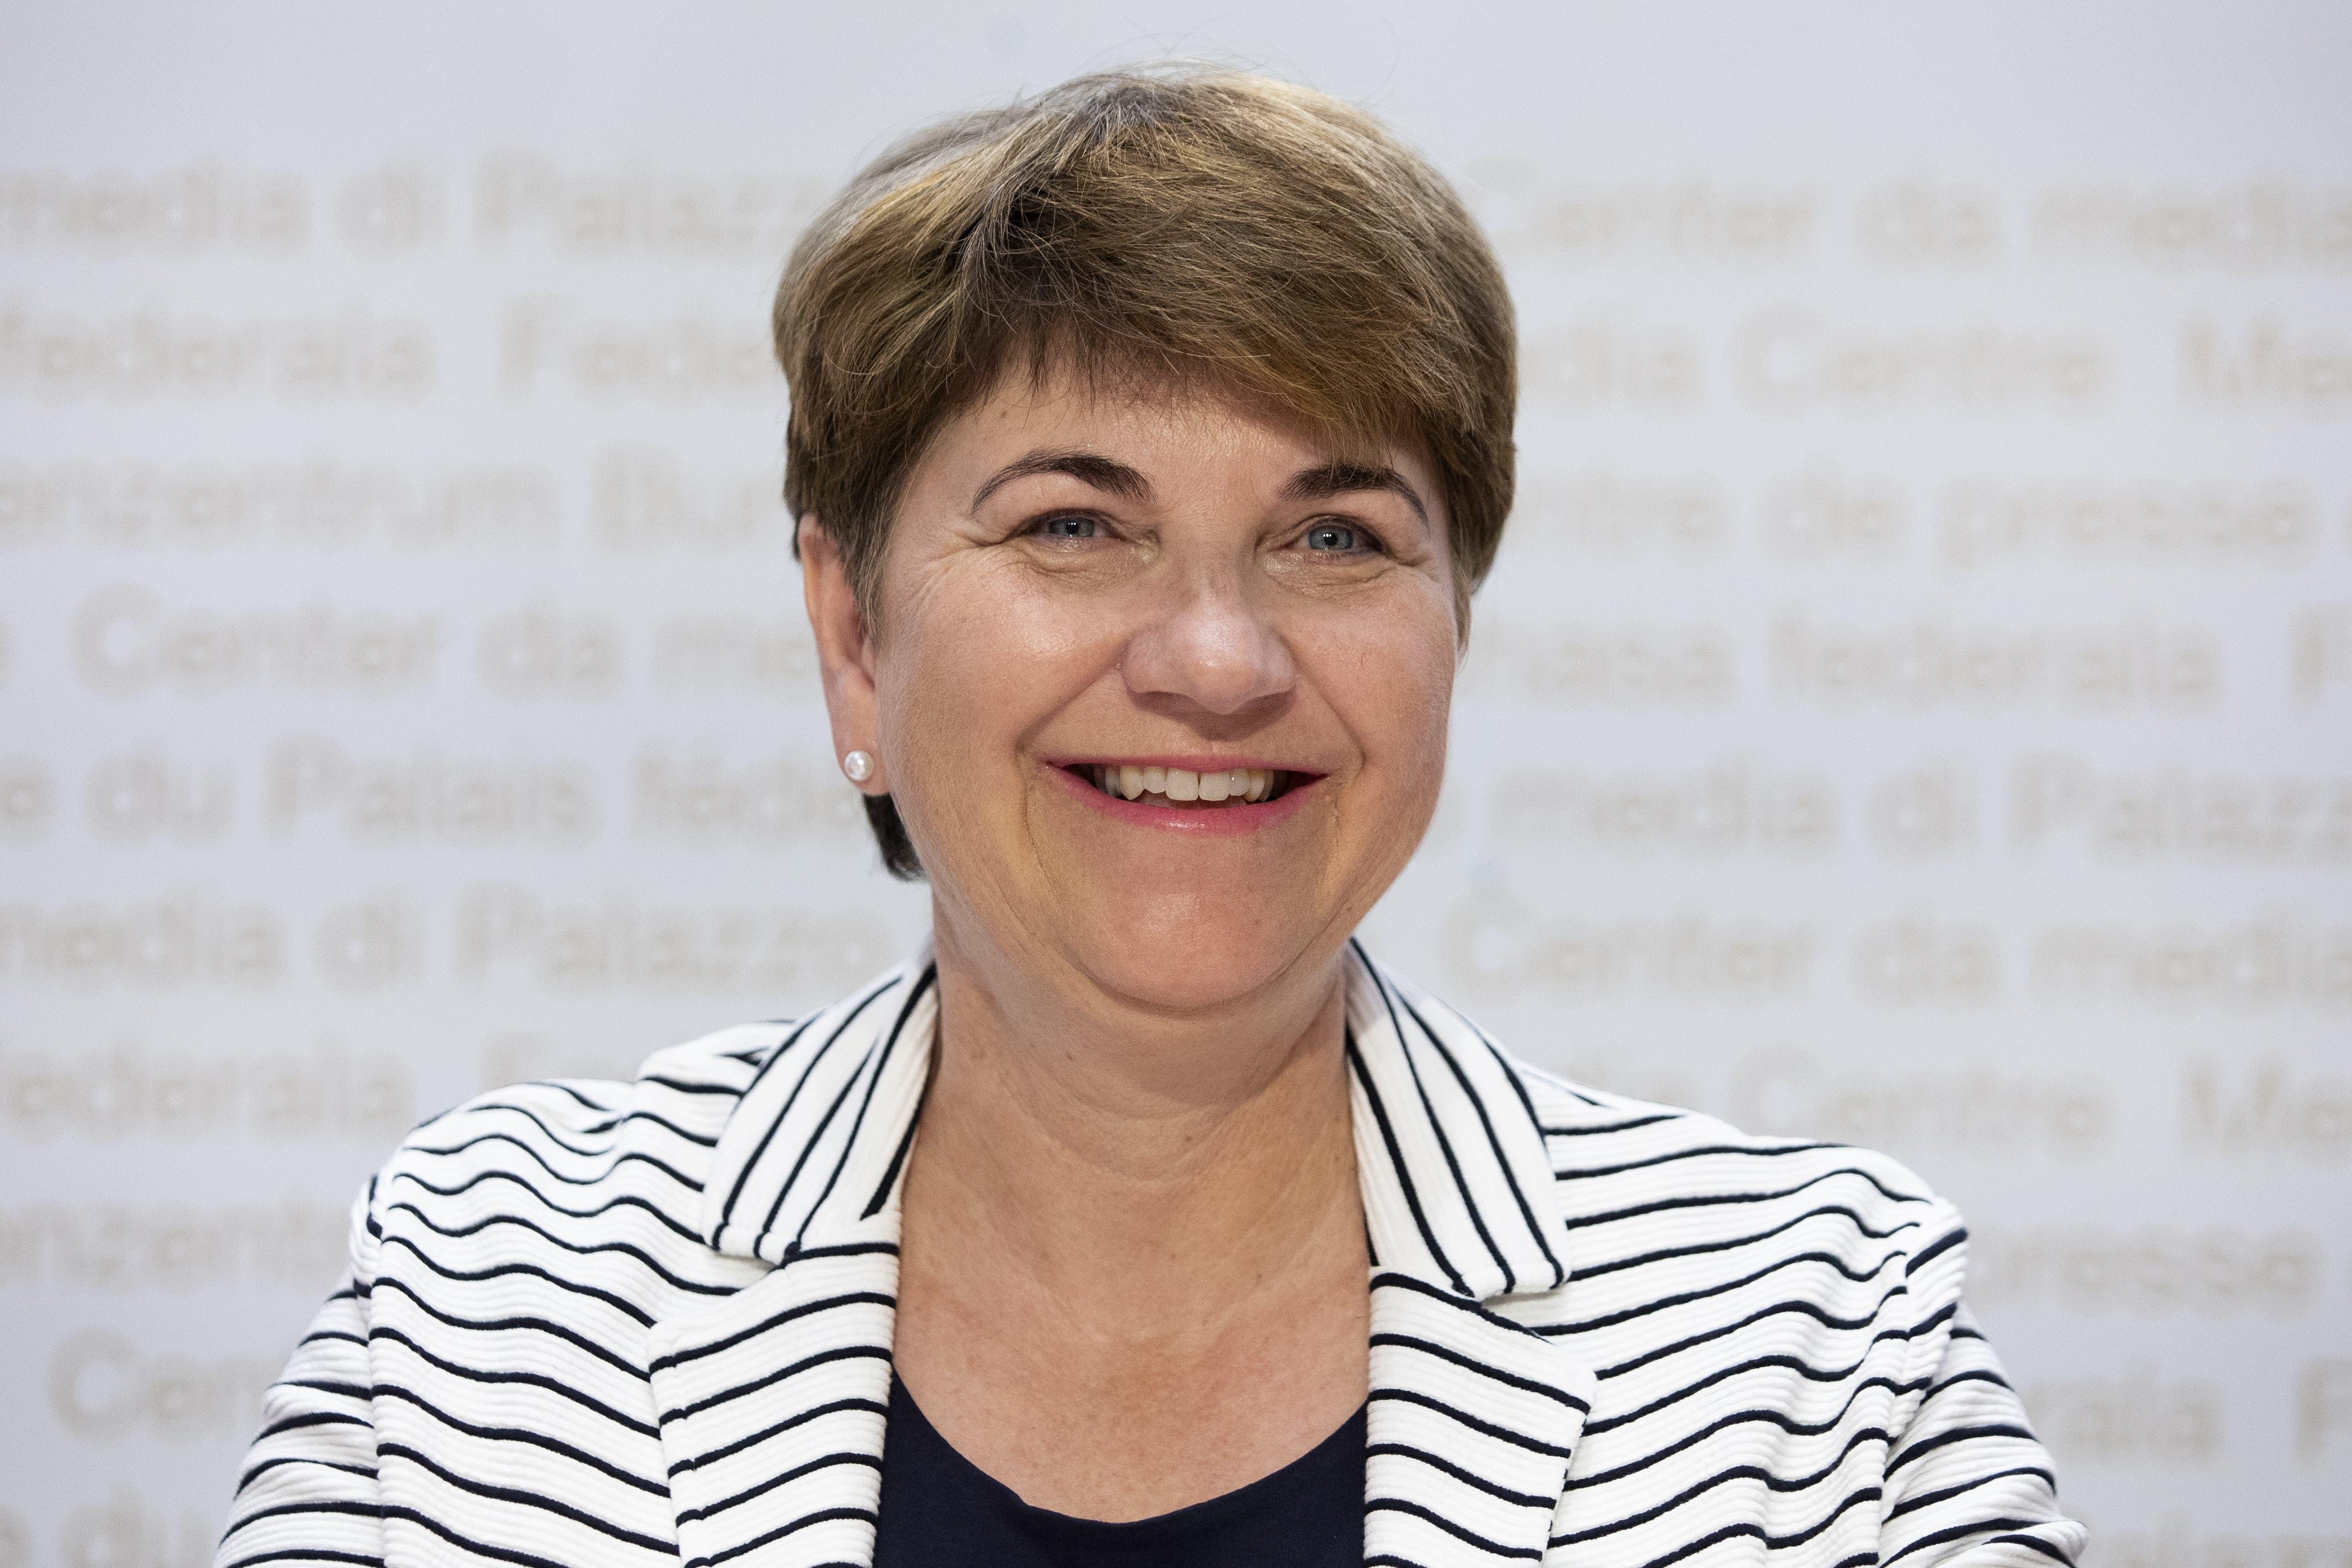 Viola Amherd (CVP)Sie gehört zur «Ja, aber»-Koalition. Vor ihrer Wahl sagte sie, sie befürworte einen Rahmenvertrag. Die Schweiz müsse aber hart bleiben bei flankierenden Massnahmen und Unionsbürgerrichtlinie. (Bild: Peter Klaunzer/Keystone)